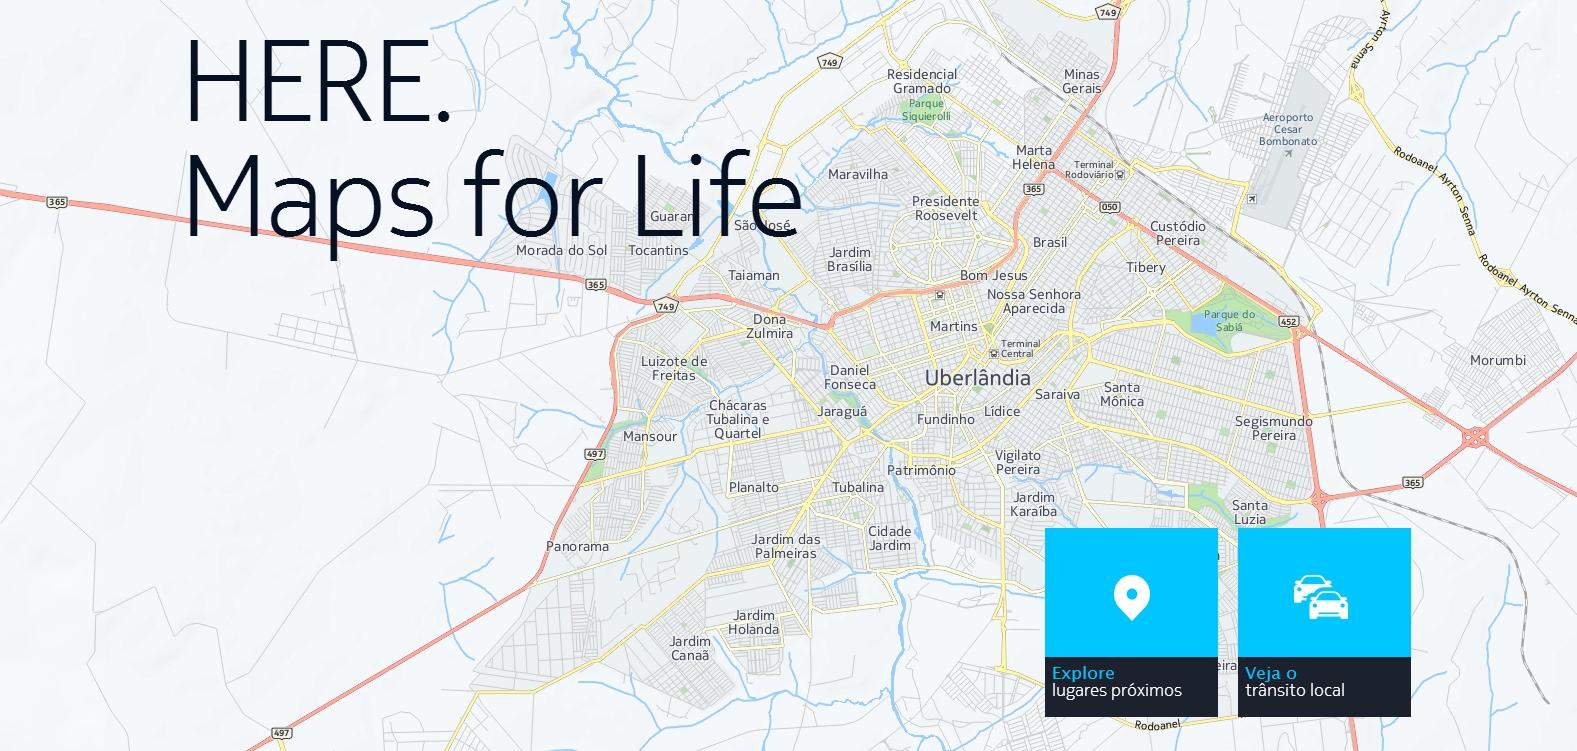 Nokia HERE Maps chega ao Android e iOS até o fim de 2014